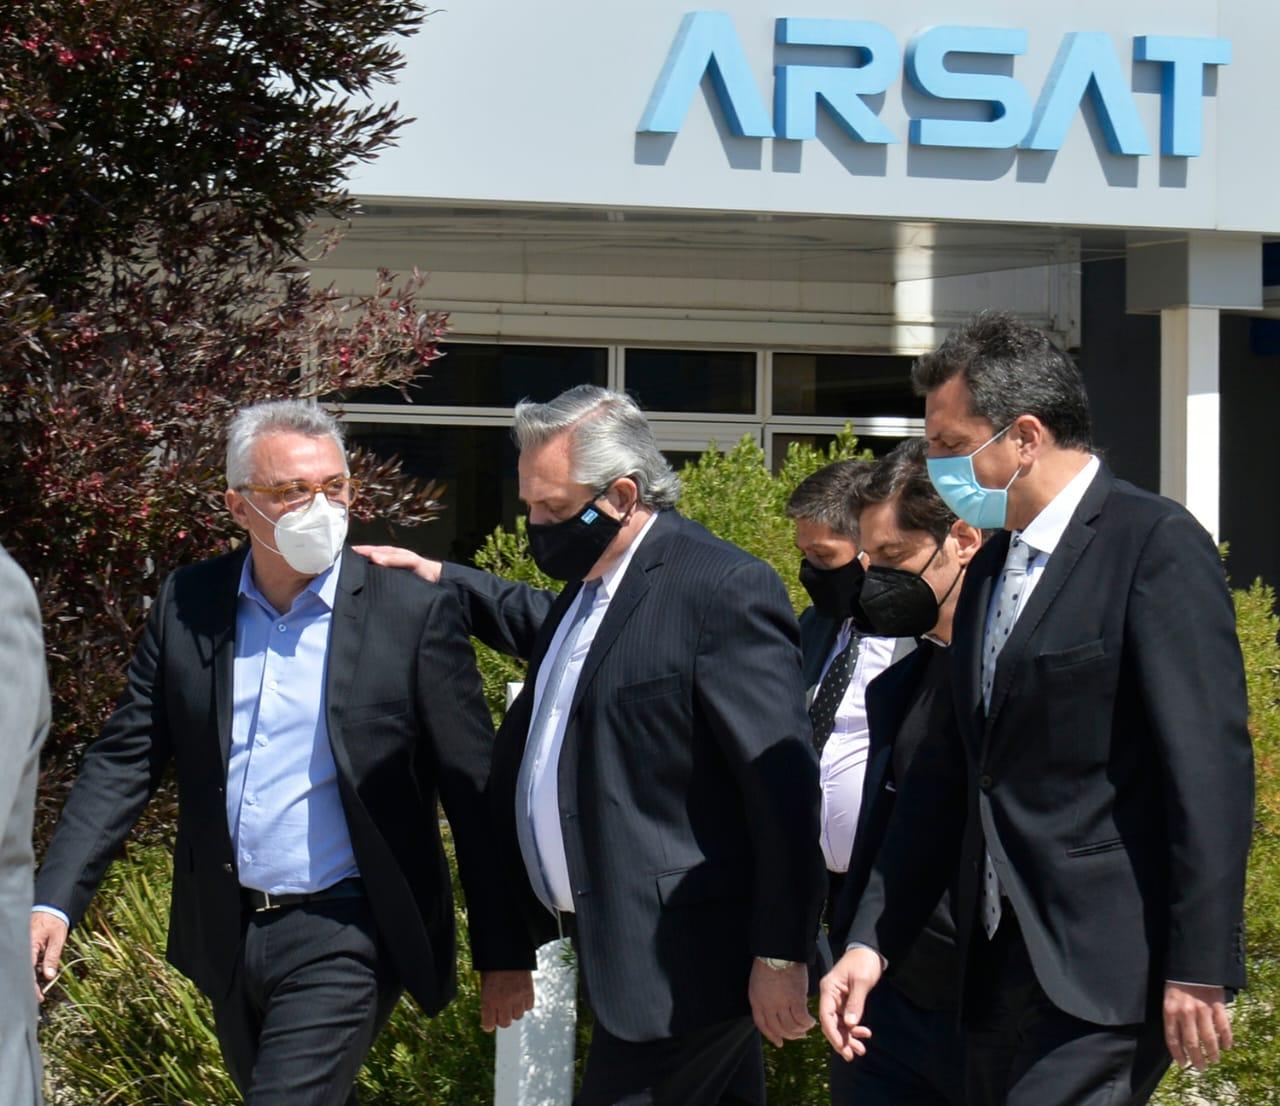 El presidente Alberto Fernández presentó en Tigre el Plan Nacional de Conectividad junto a Kicillof y Zamora